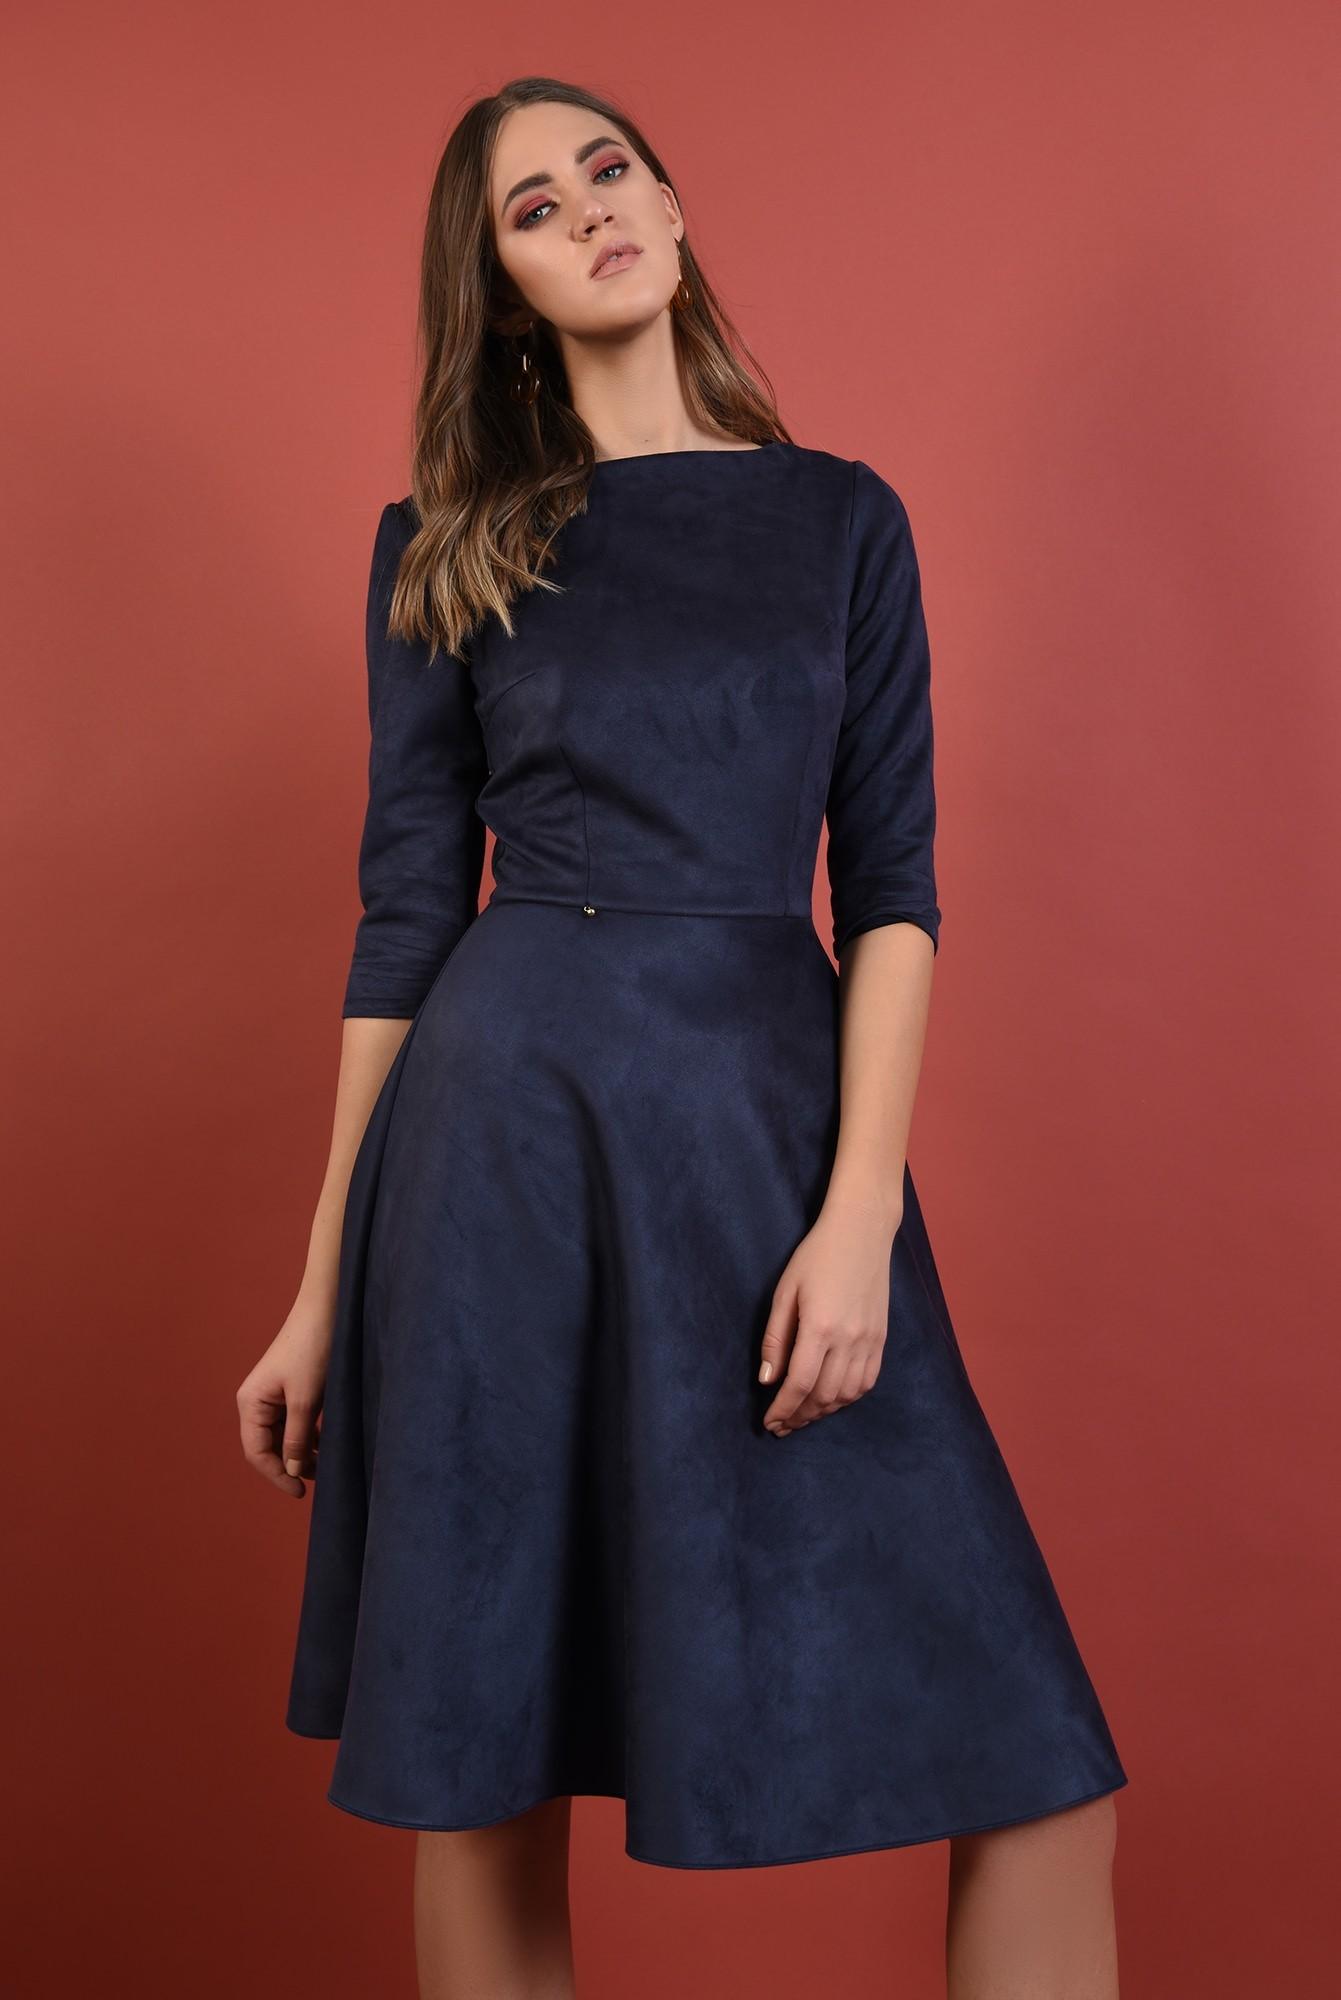 0 - rochie casual, midi, evazata, bleumarin, nasturi aurii